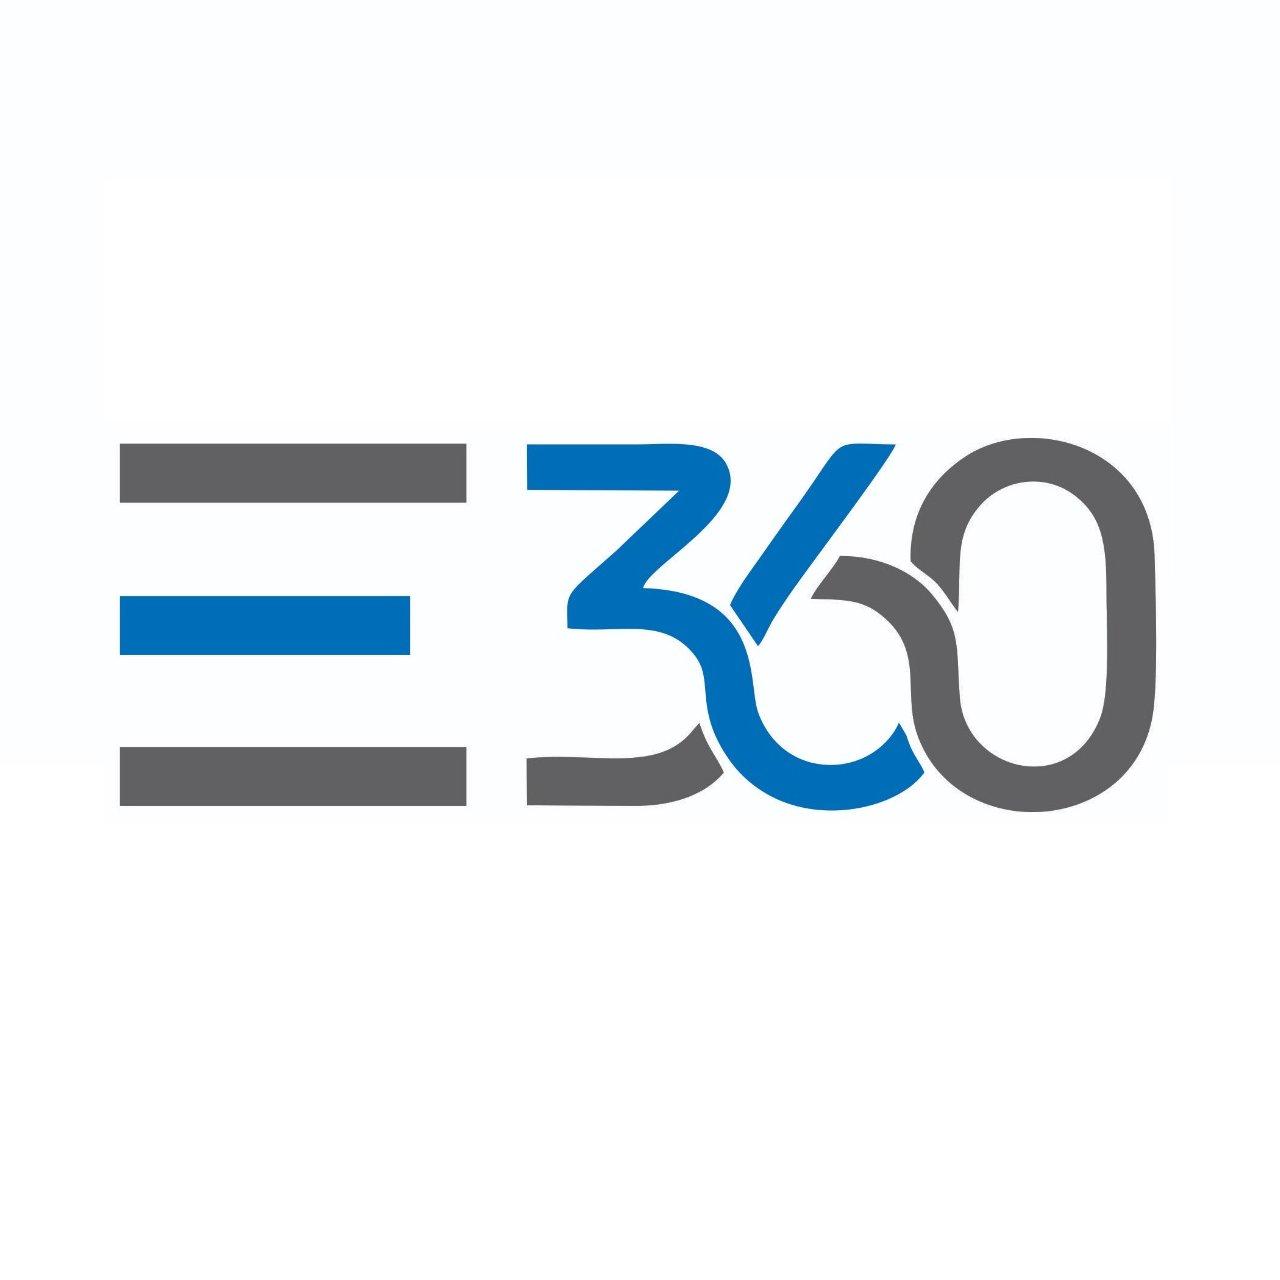 E360 on Twitter: